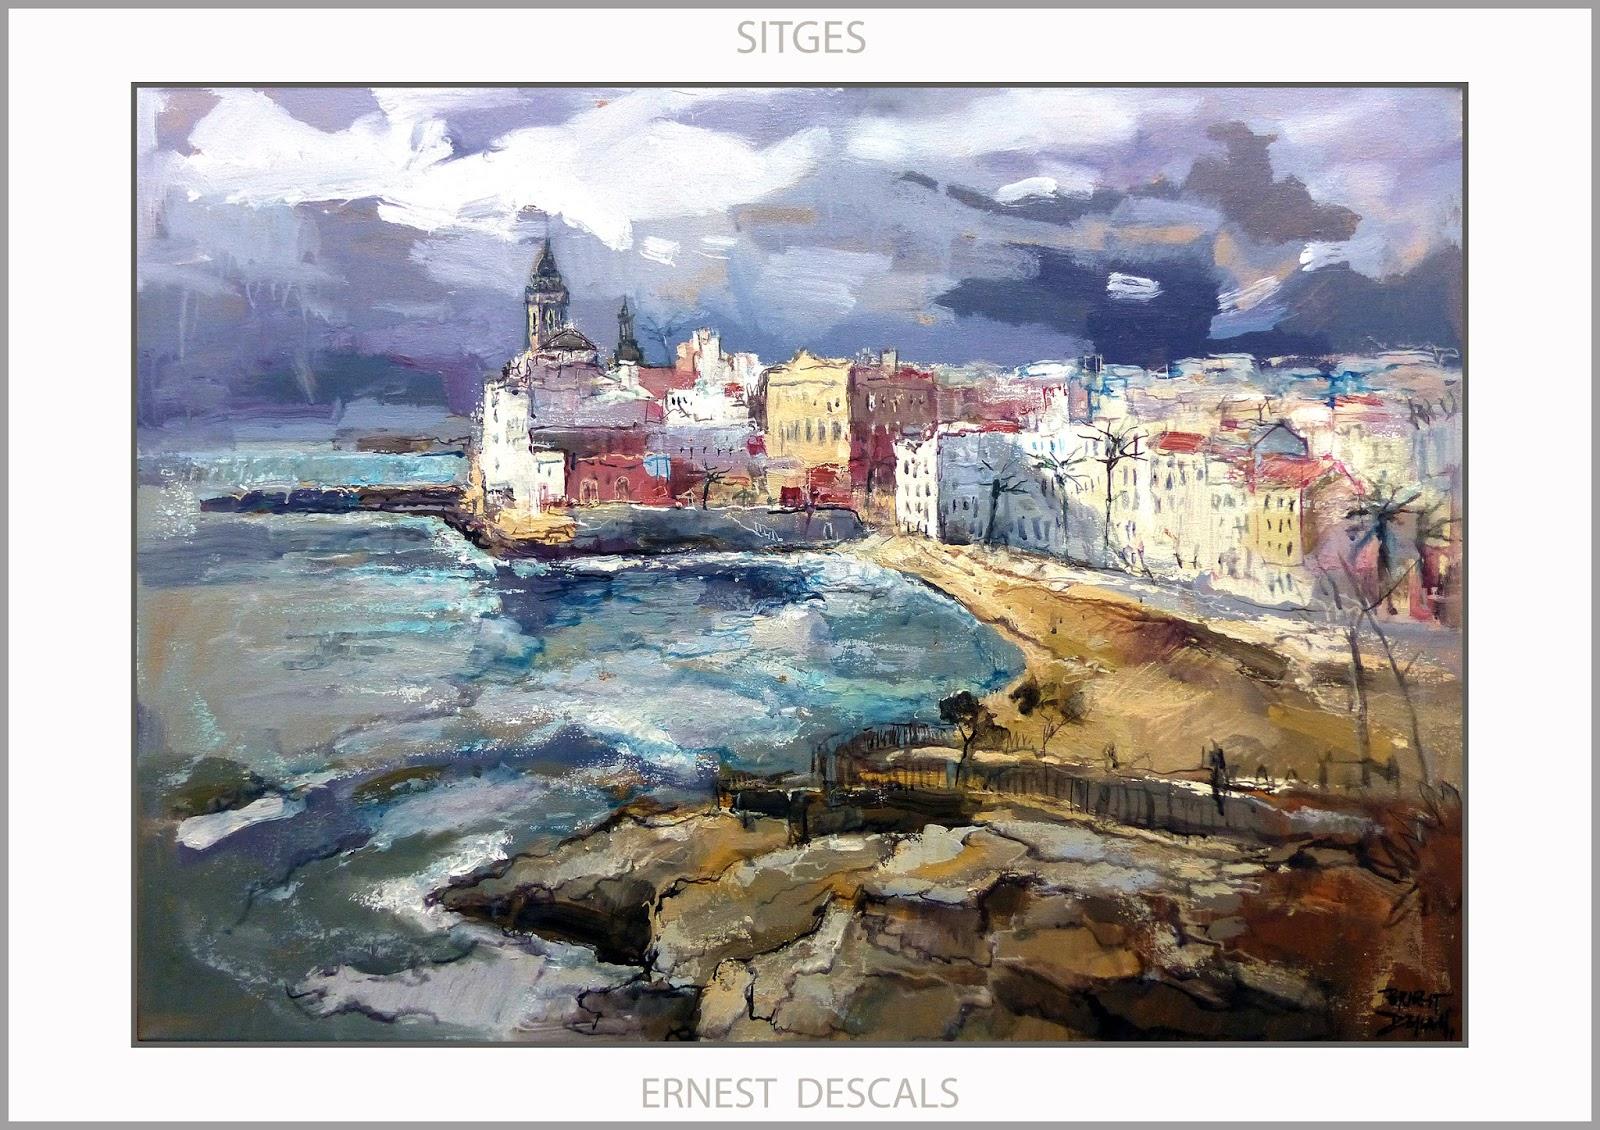 Ernest descals artista pintor sitges pintura paisatges catalunya marinas alejandro magno - Pintores de barcelona ...